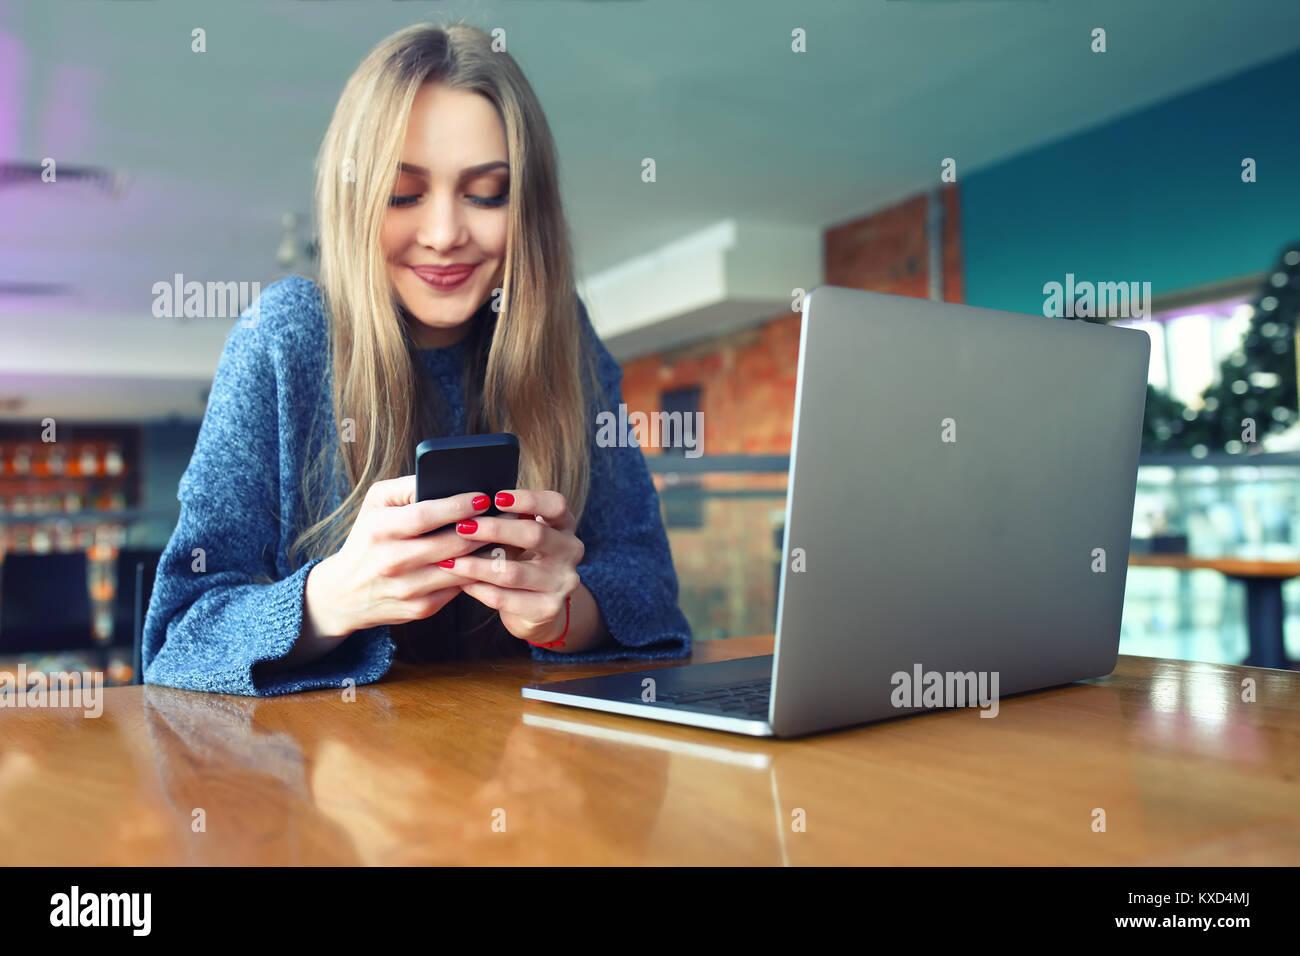 La donna la digitazione di un messaggio di testo sul telefono intelligente in un cafe'. Giovane donna seduta Immagini Stock